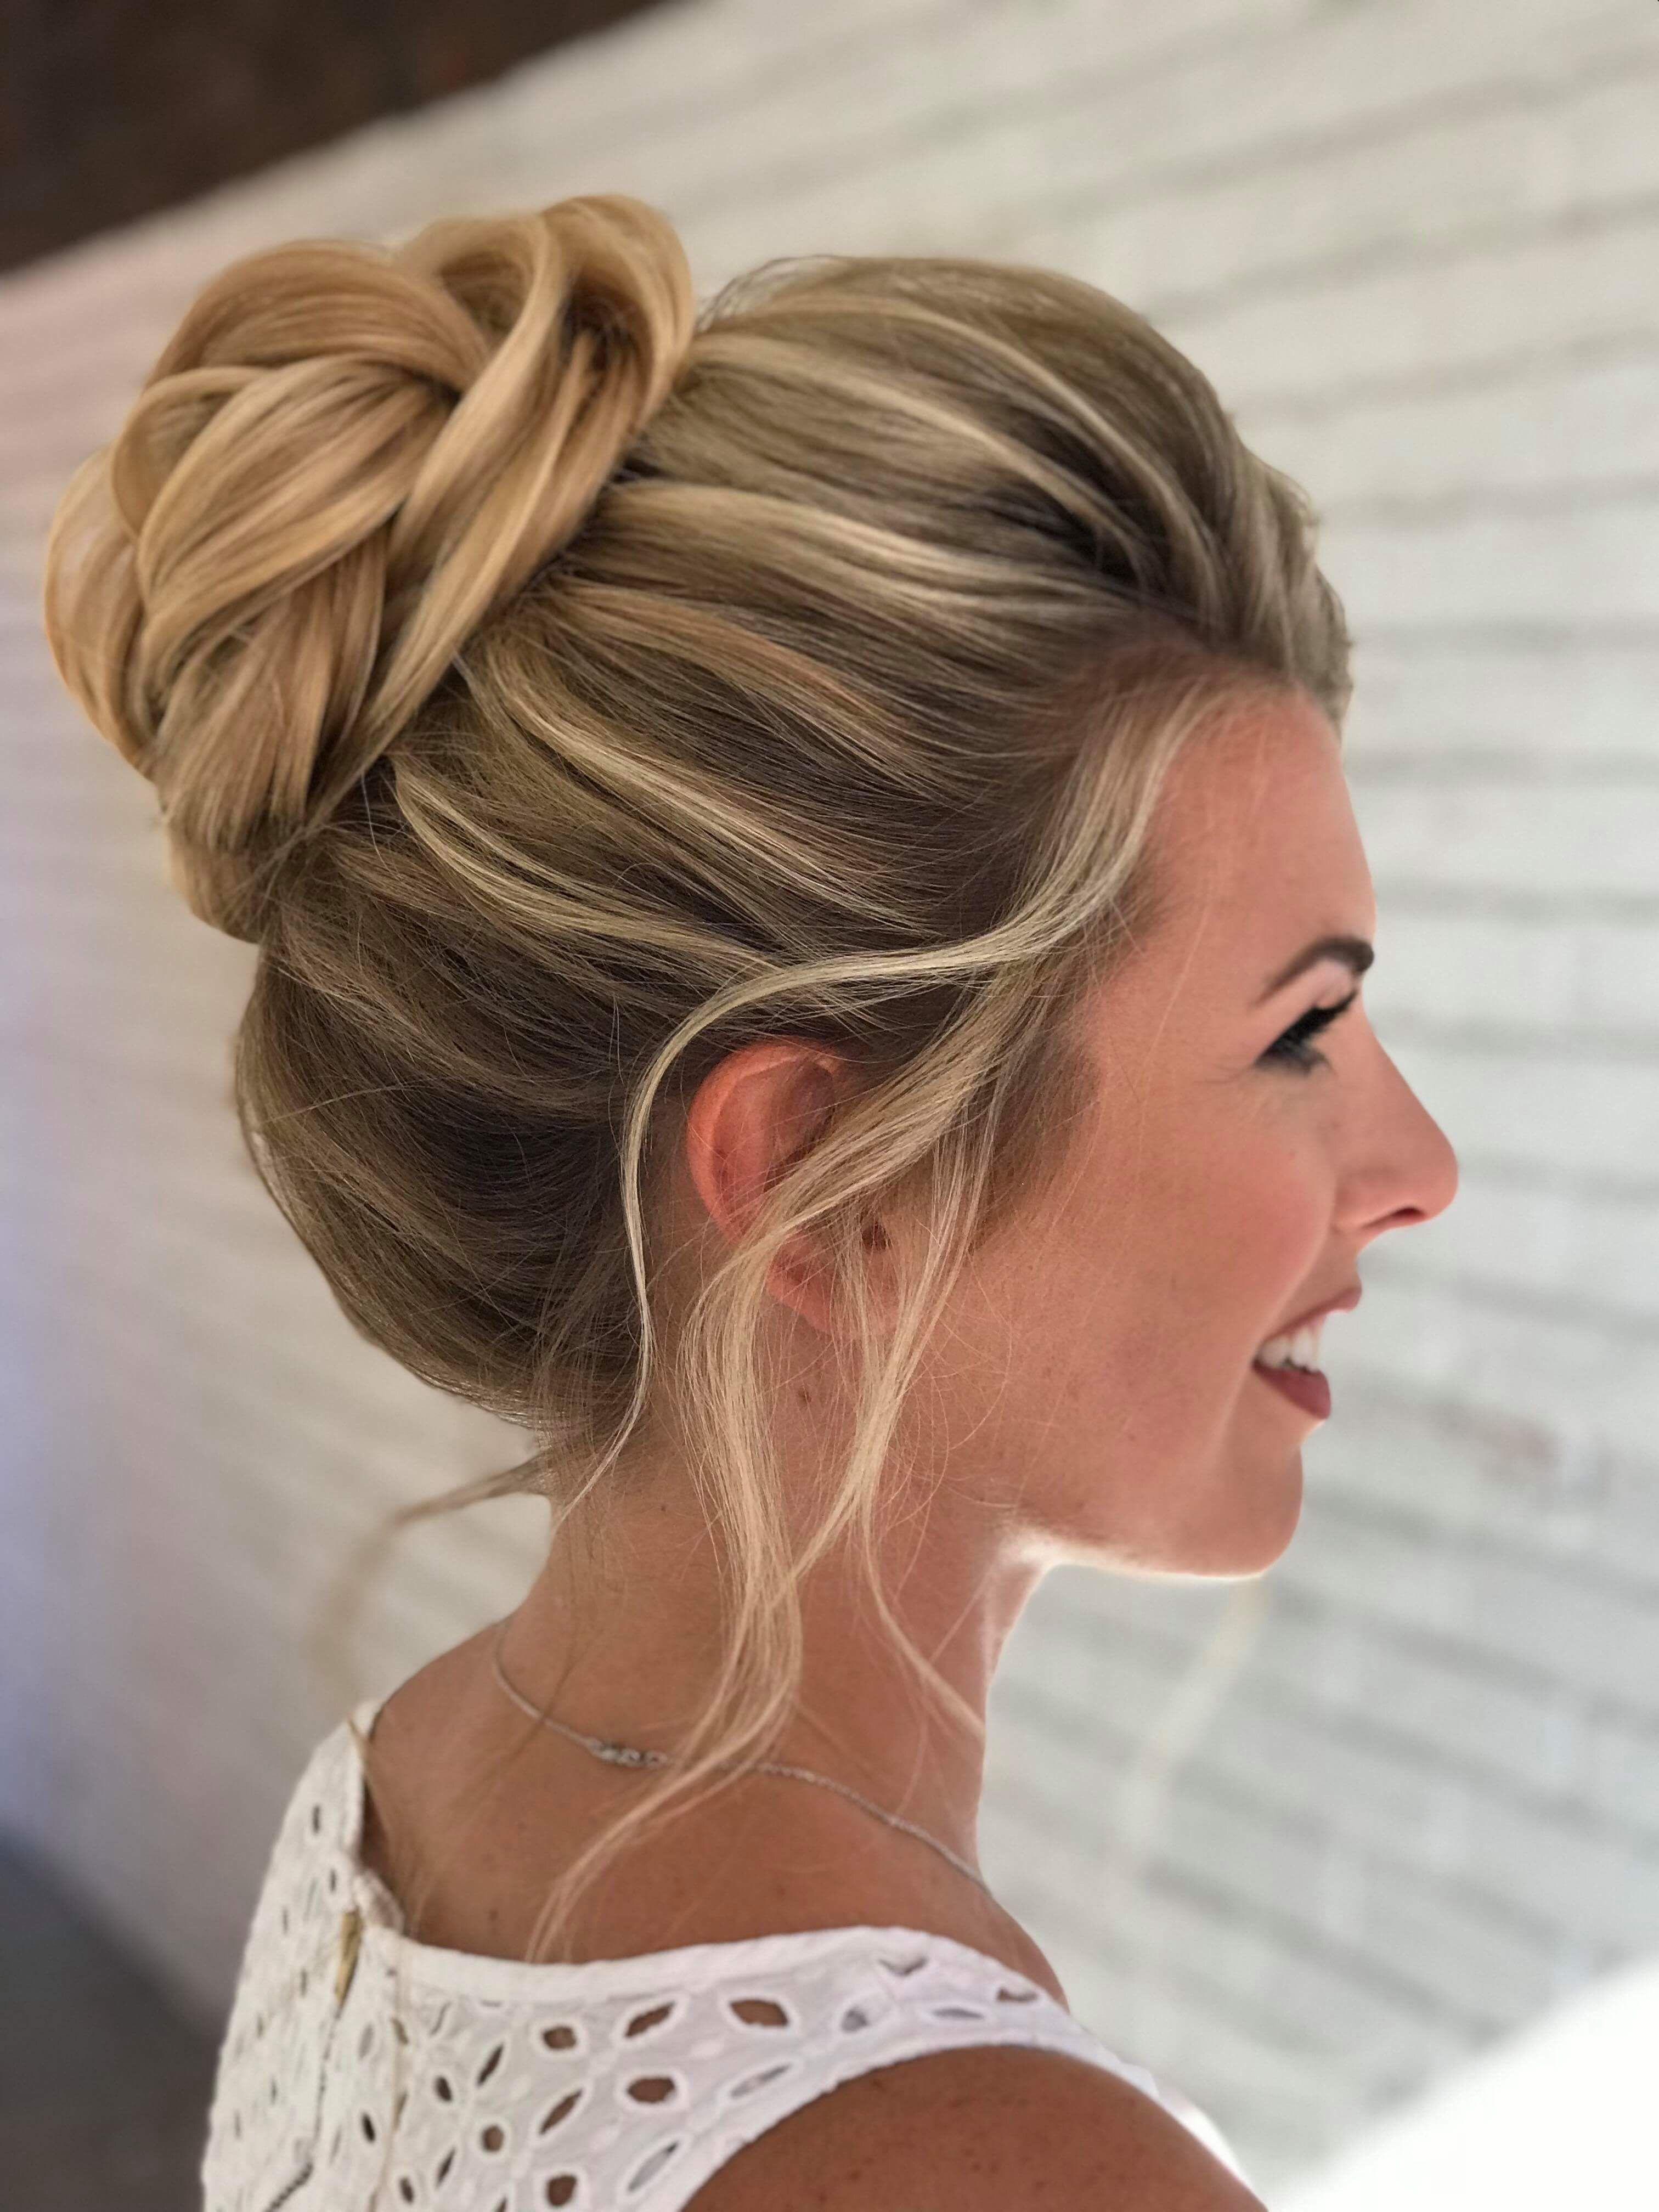 wedding hairstyle high bun on highlighted blonde hair | soon